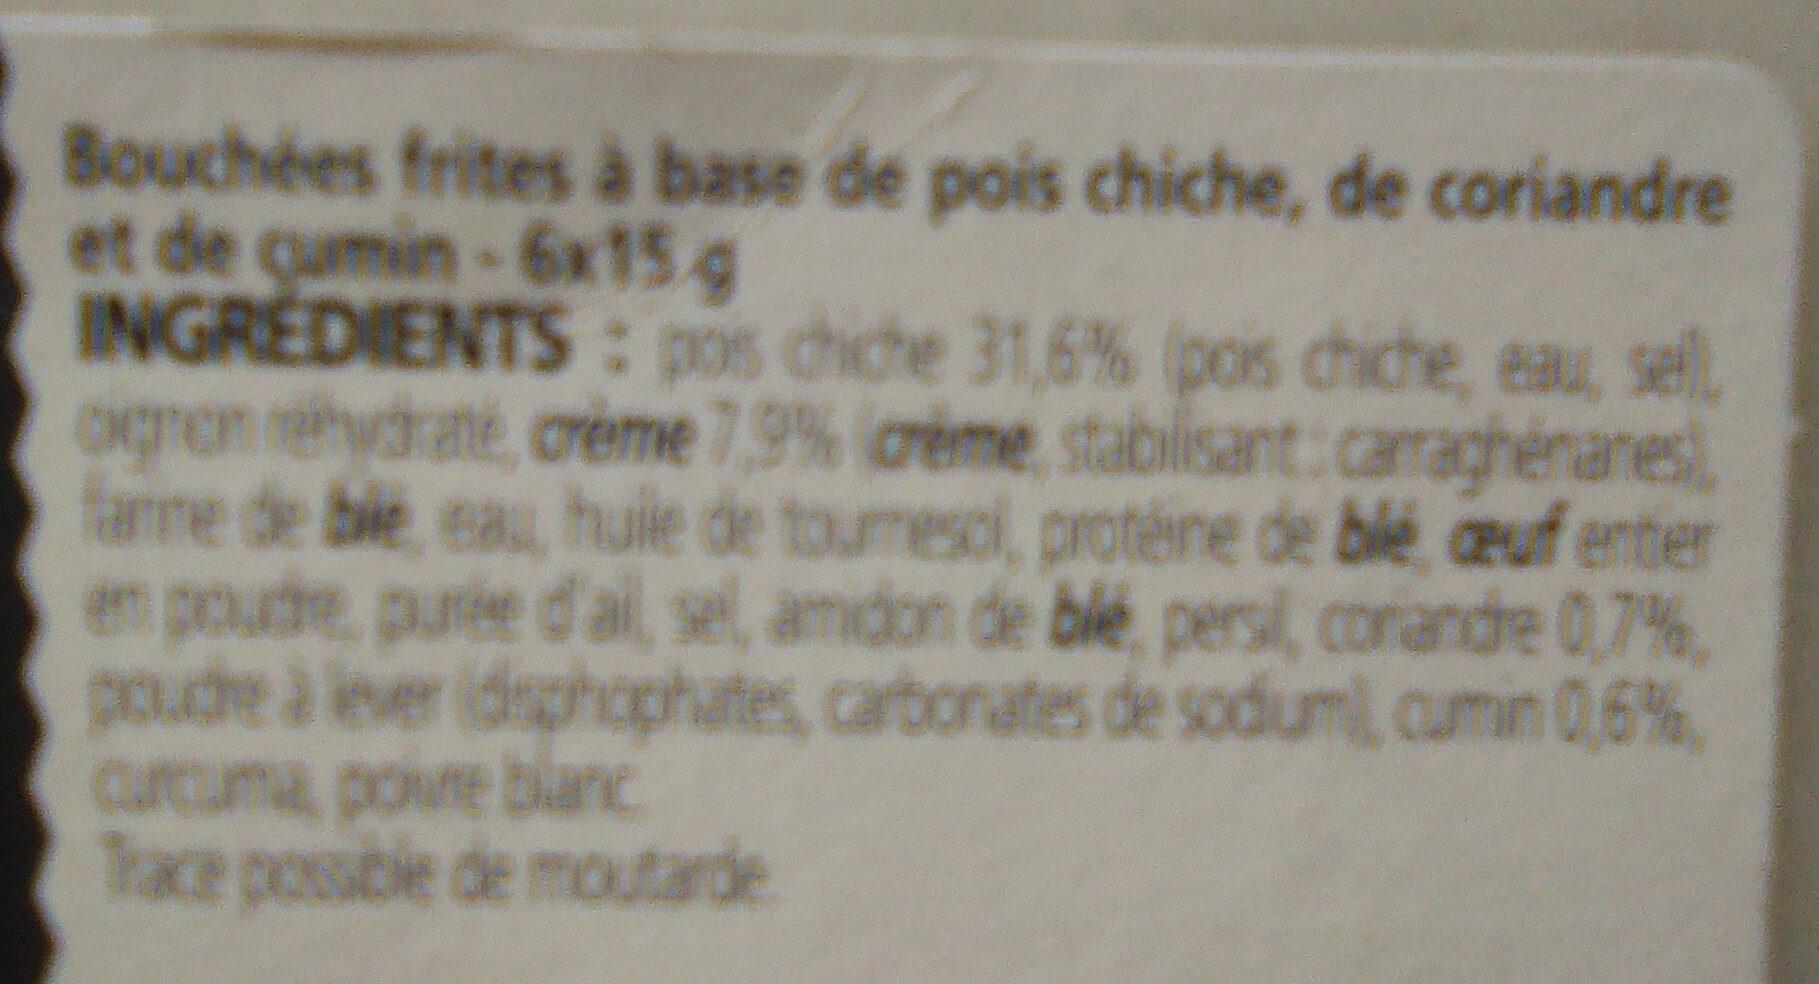 falafels pois chiche et coriandre - Ingrédients